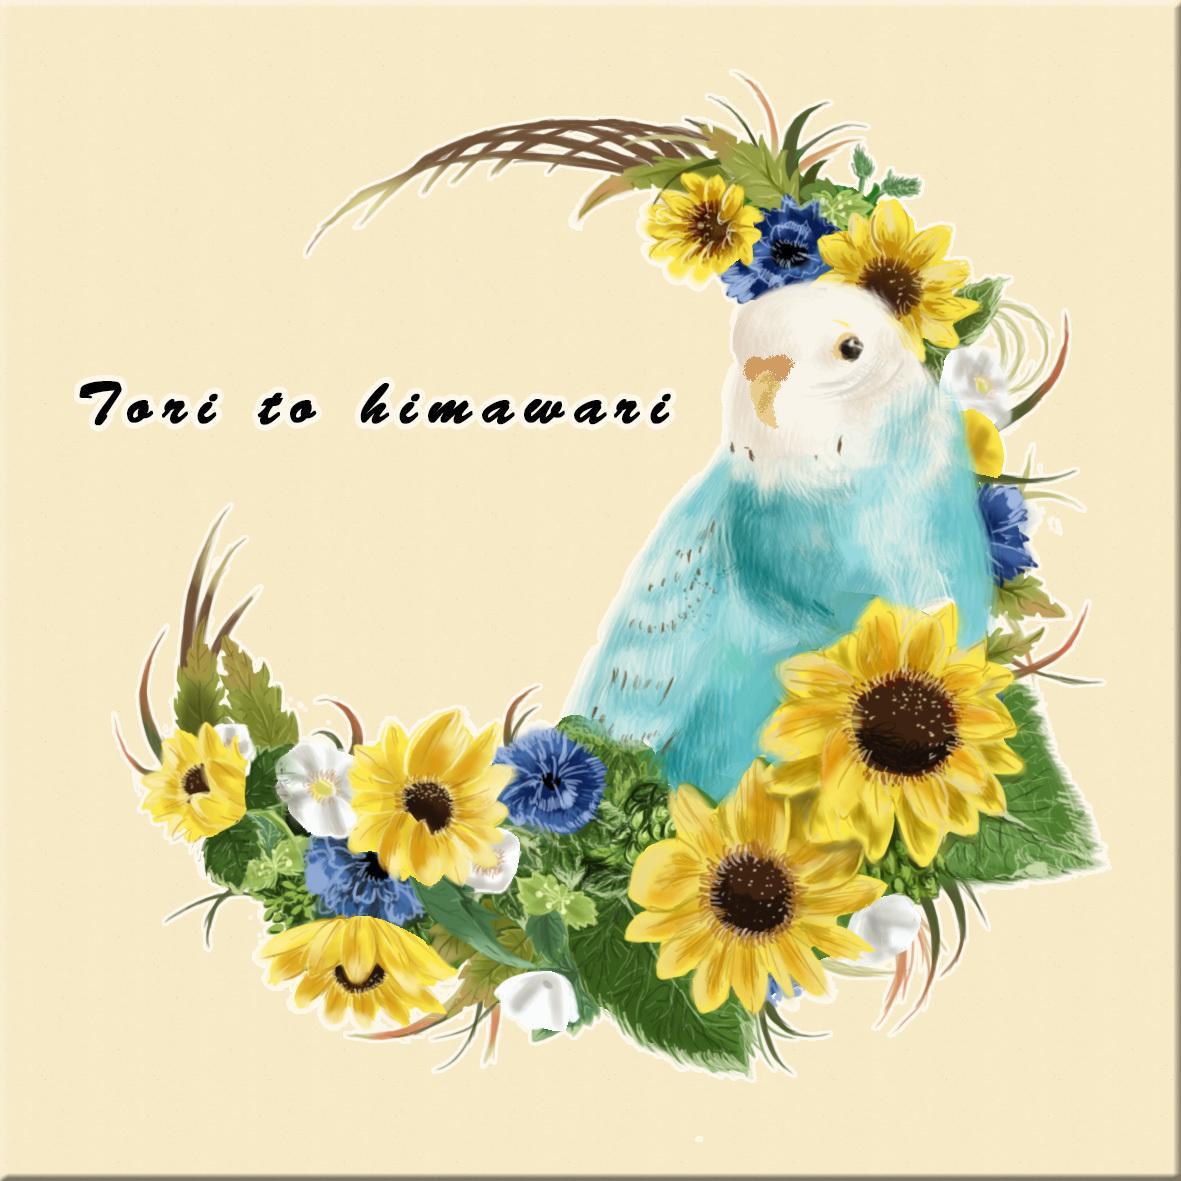 ペット×花リースのイラストお描きします ペット×花のリースを組み合わせた作品をお届けします♪